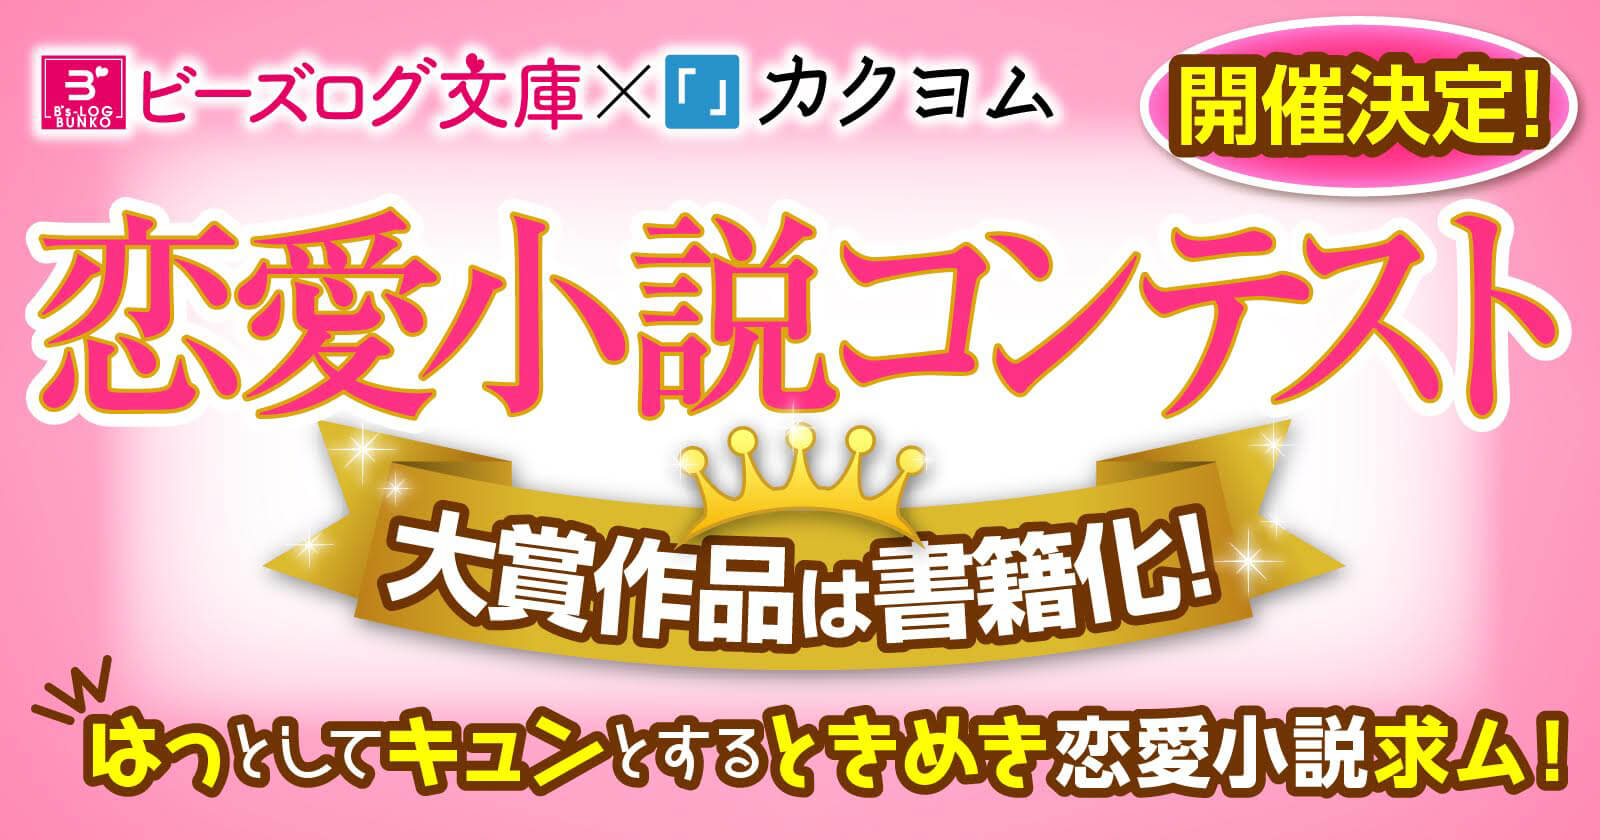 ビーズログ文庫×カクヨム「恋愛小説コンテスト」